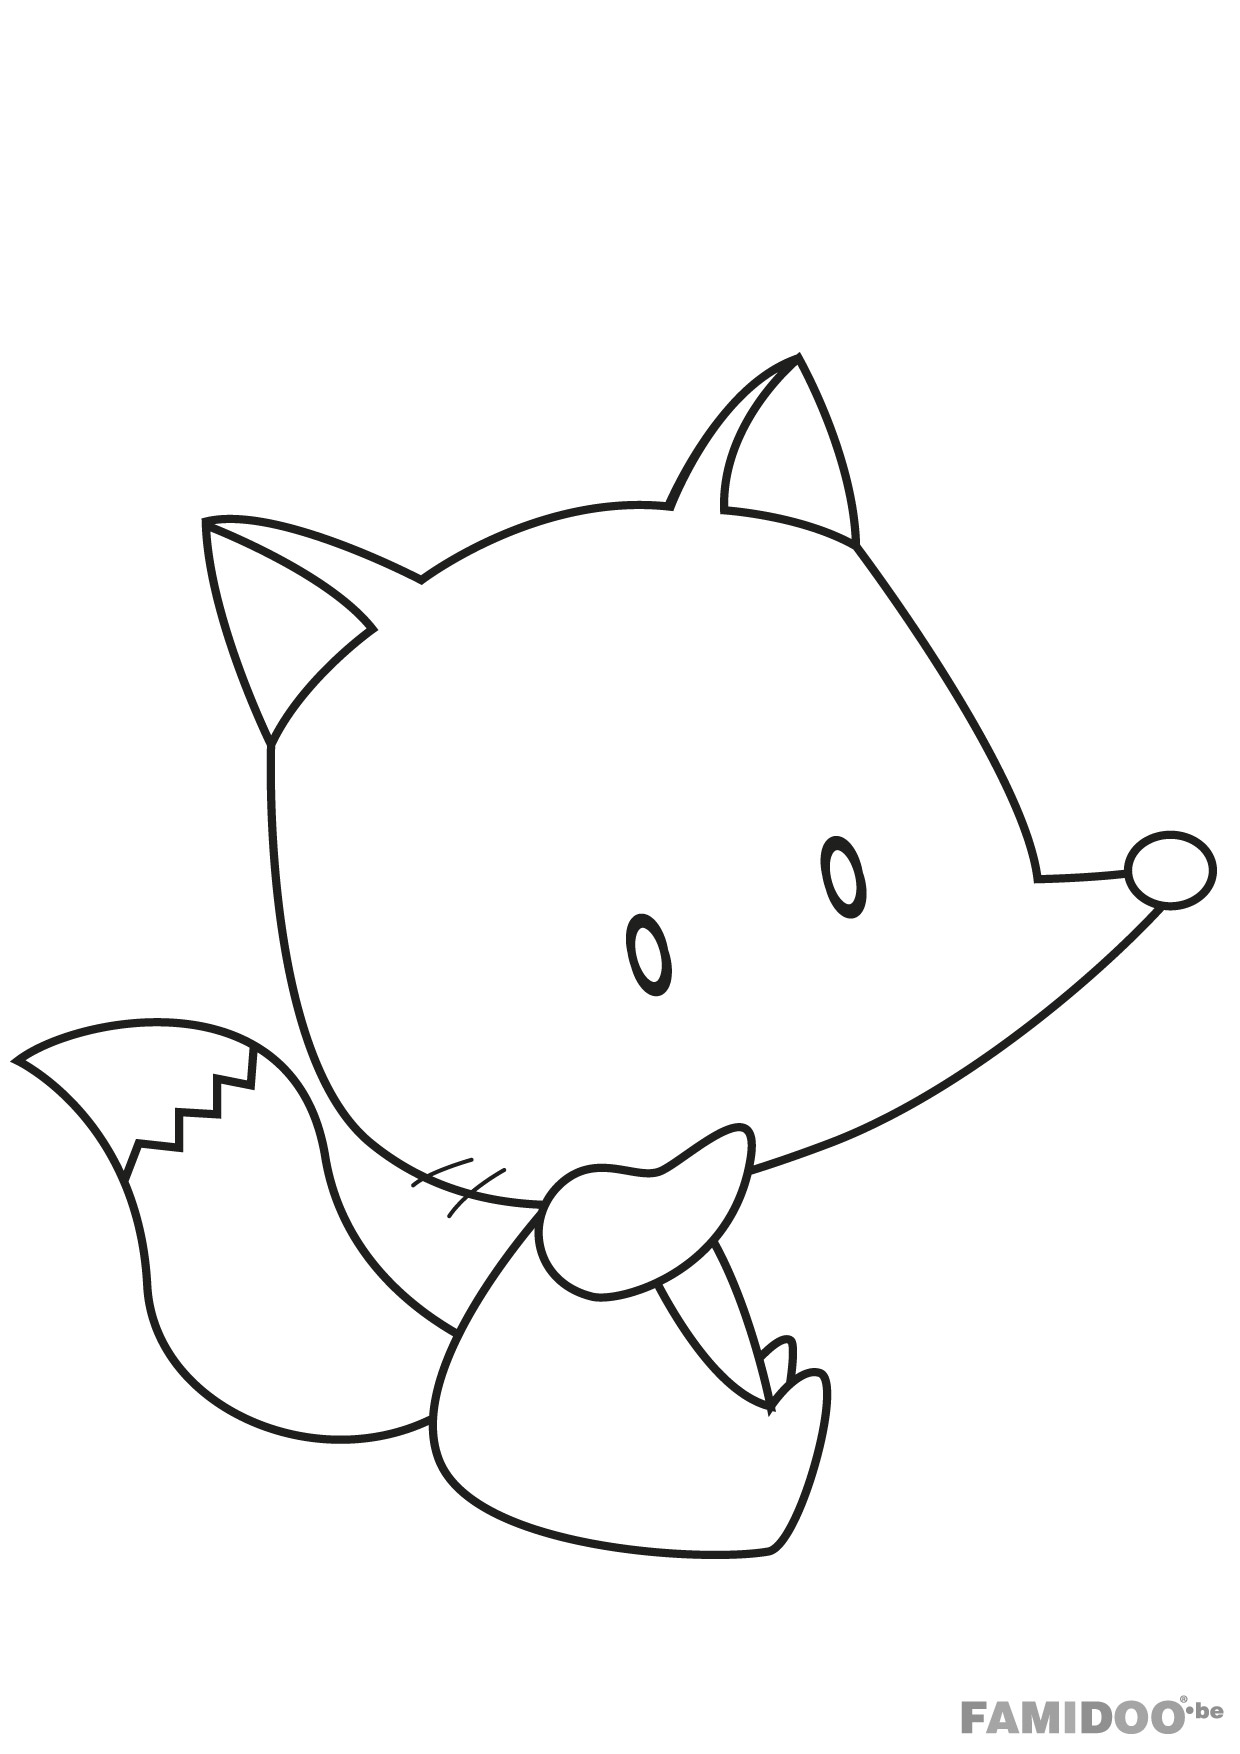 98 dessins de coloriage animaux de la foret imprimer - Coloriage de requin a imprimer ...